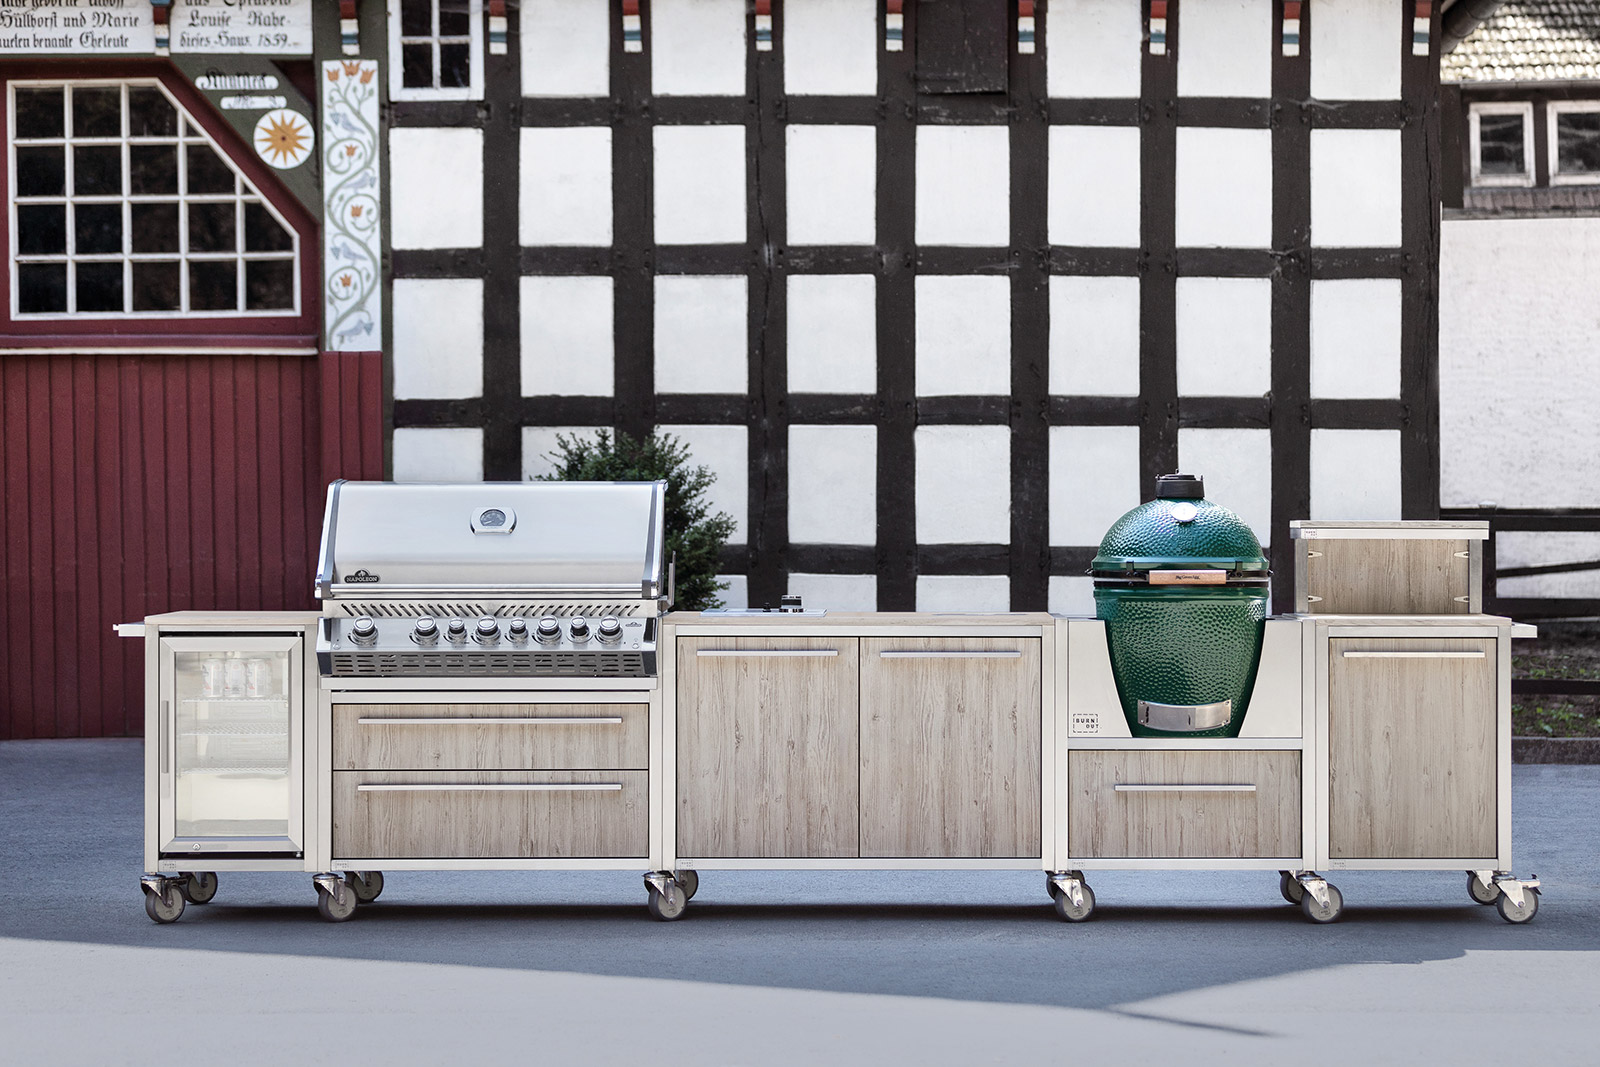 Full Size of Outdoor Küche Gebraucht Home Kitchen Outdoorkche Schubladeneinsatz Gewinnen Weiße Gebrauchte Einbauküche Nobilia Musterküche Kaufen Tipps Waschbecken Wohnzimmer Outdoor Küche Gebraucht